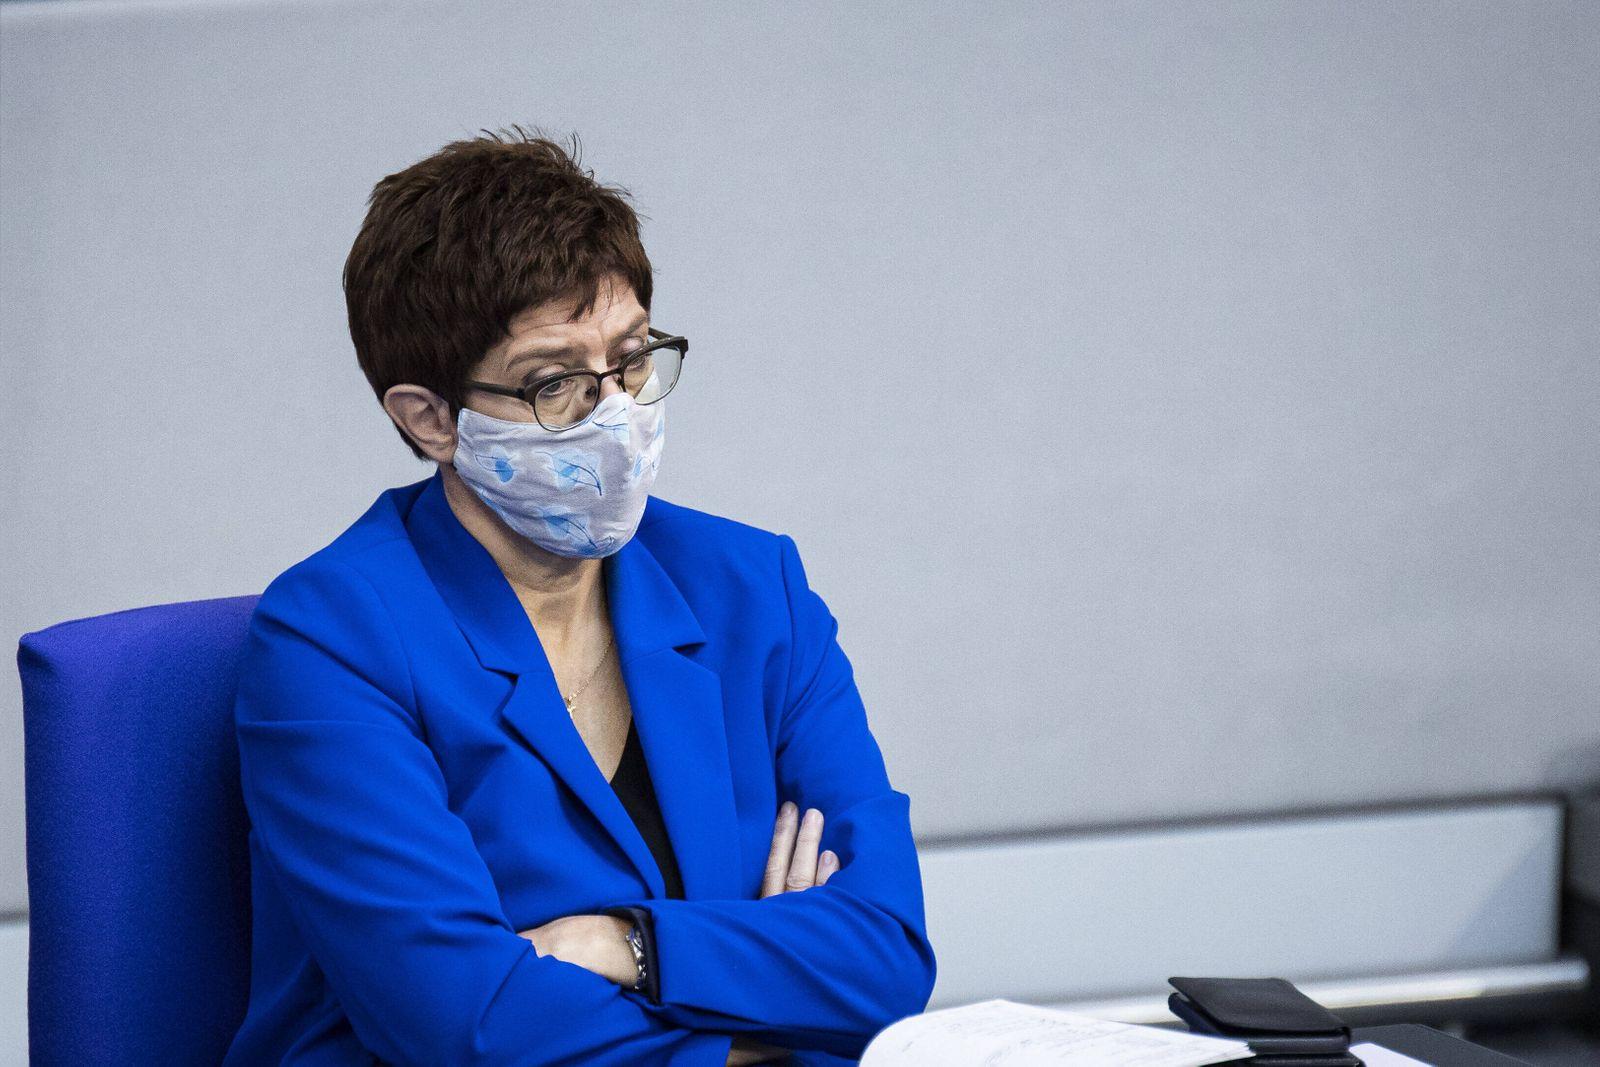 Annegret Kramp-Karrenbauer, Bundesministerin der Verteidigung und Parteivorsitzende der CDU, aufgenommen im Rahmen eine